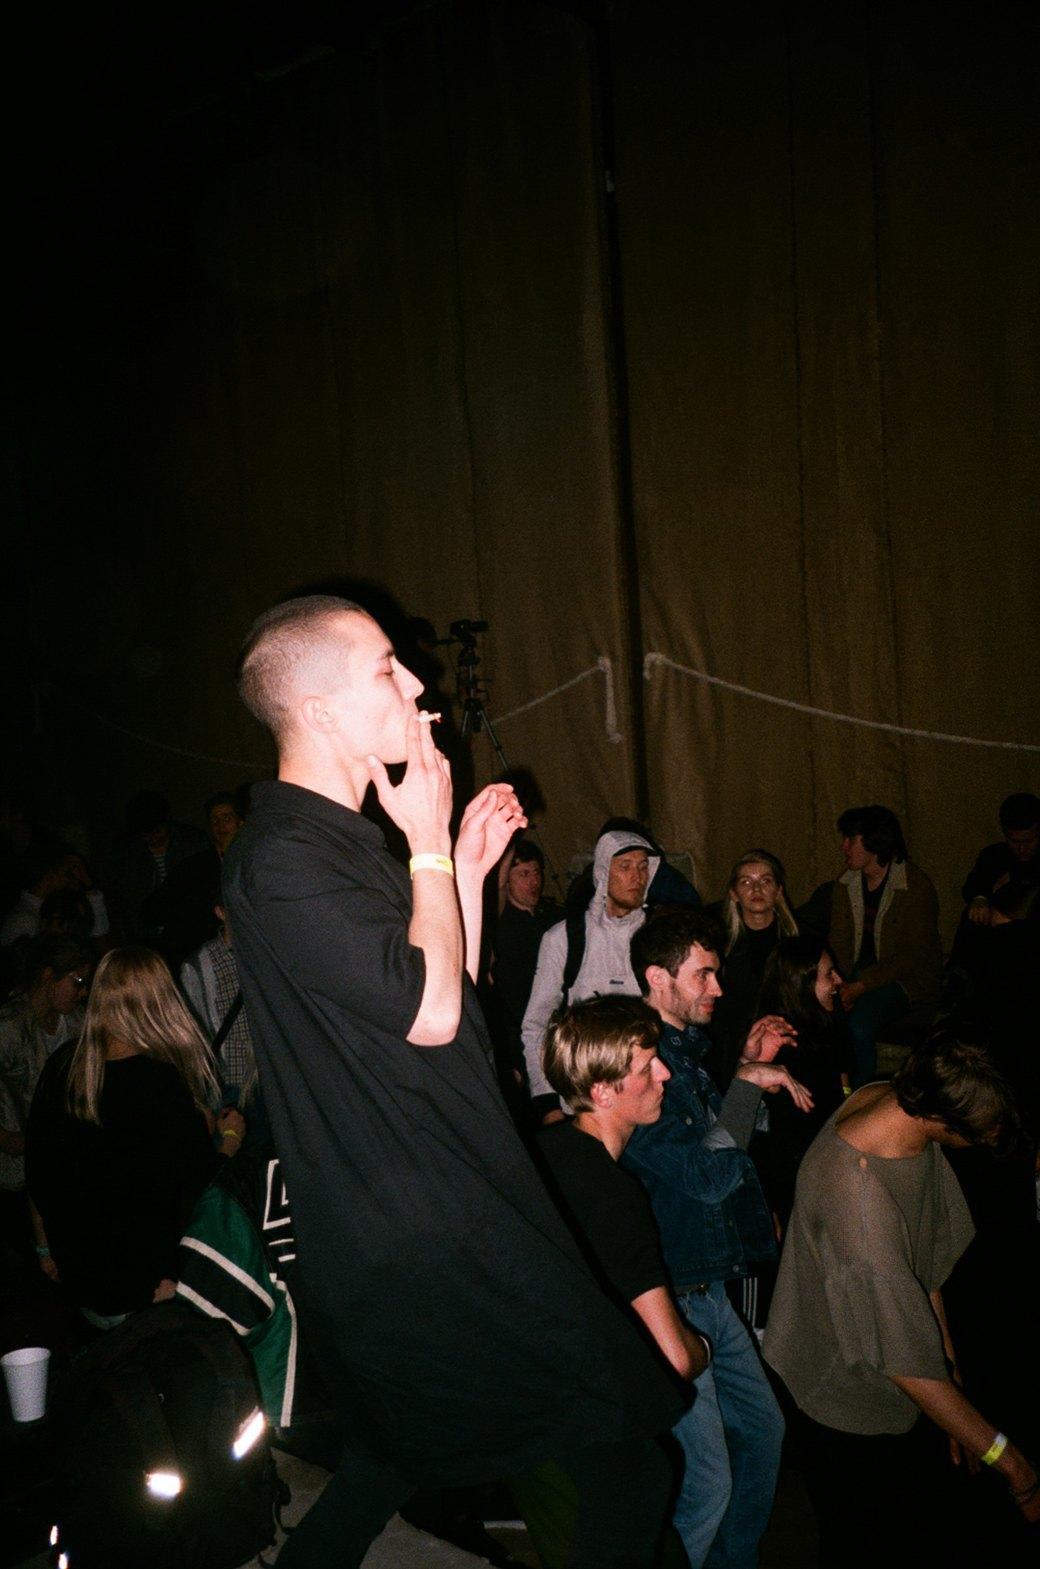 Фоторепортаж: Фестиваль Delta в «Кругозоре». Изображение № 20.